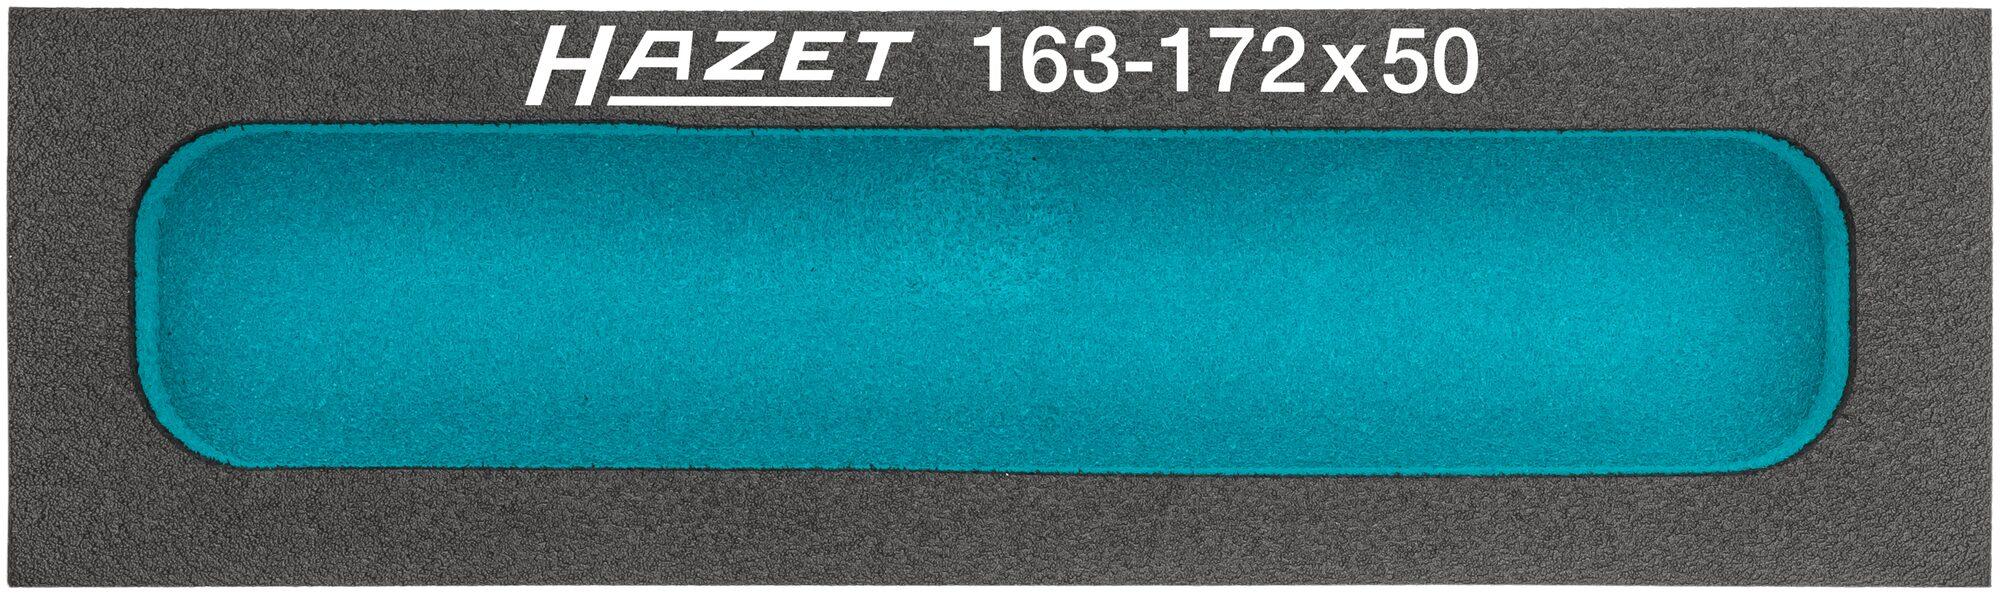 HAZET Weichschaum-Einlage ∙ mit Kleinteilefächern 163-172X50